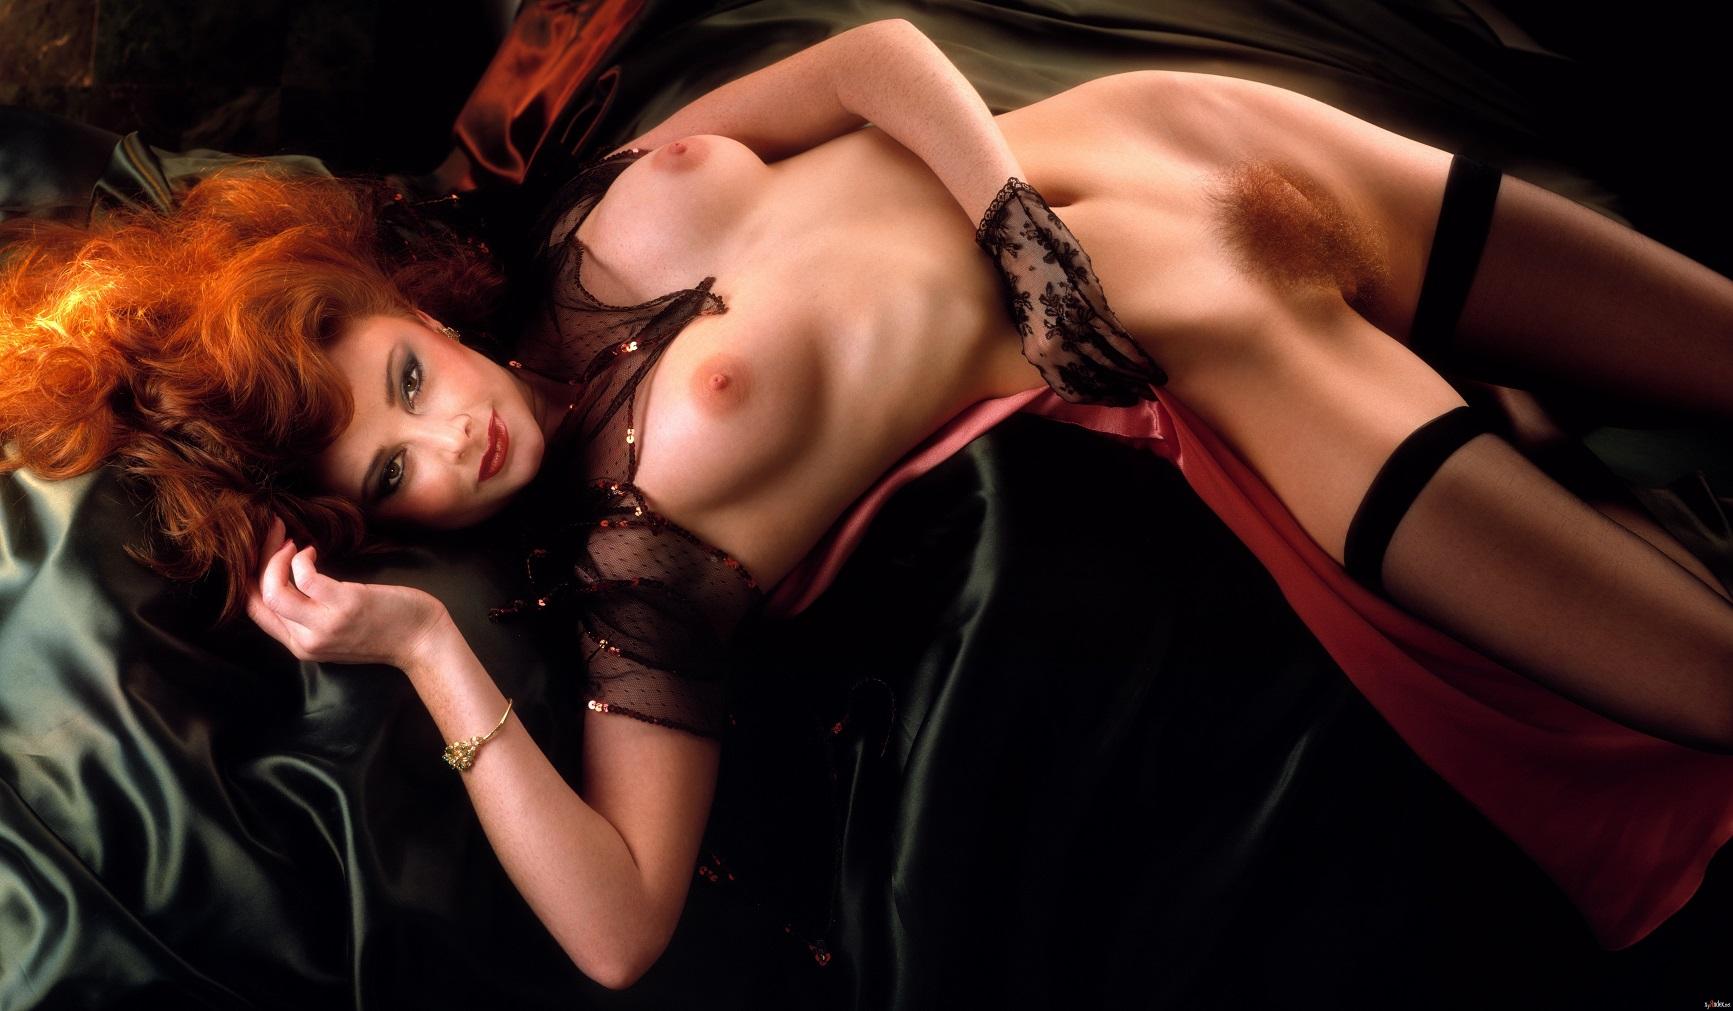 Эротика фото 1998, Ретро порно фото. Голые бабы на старых фотографиях 23 фотография